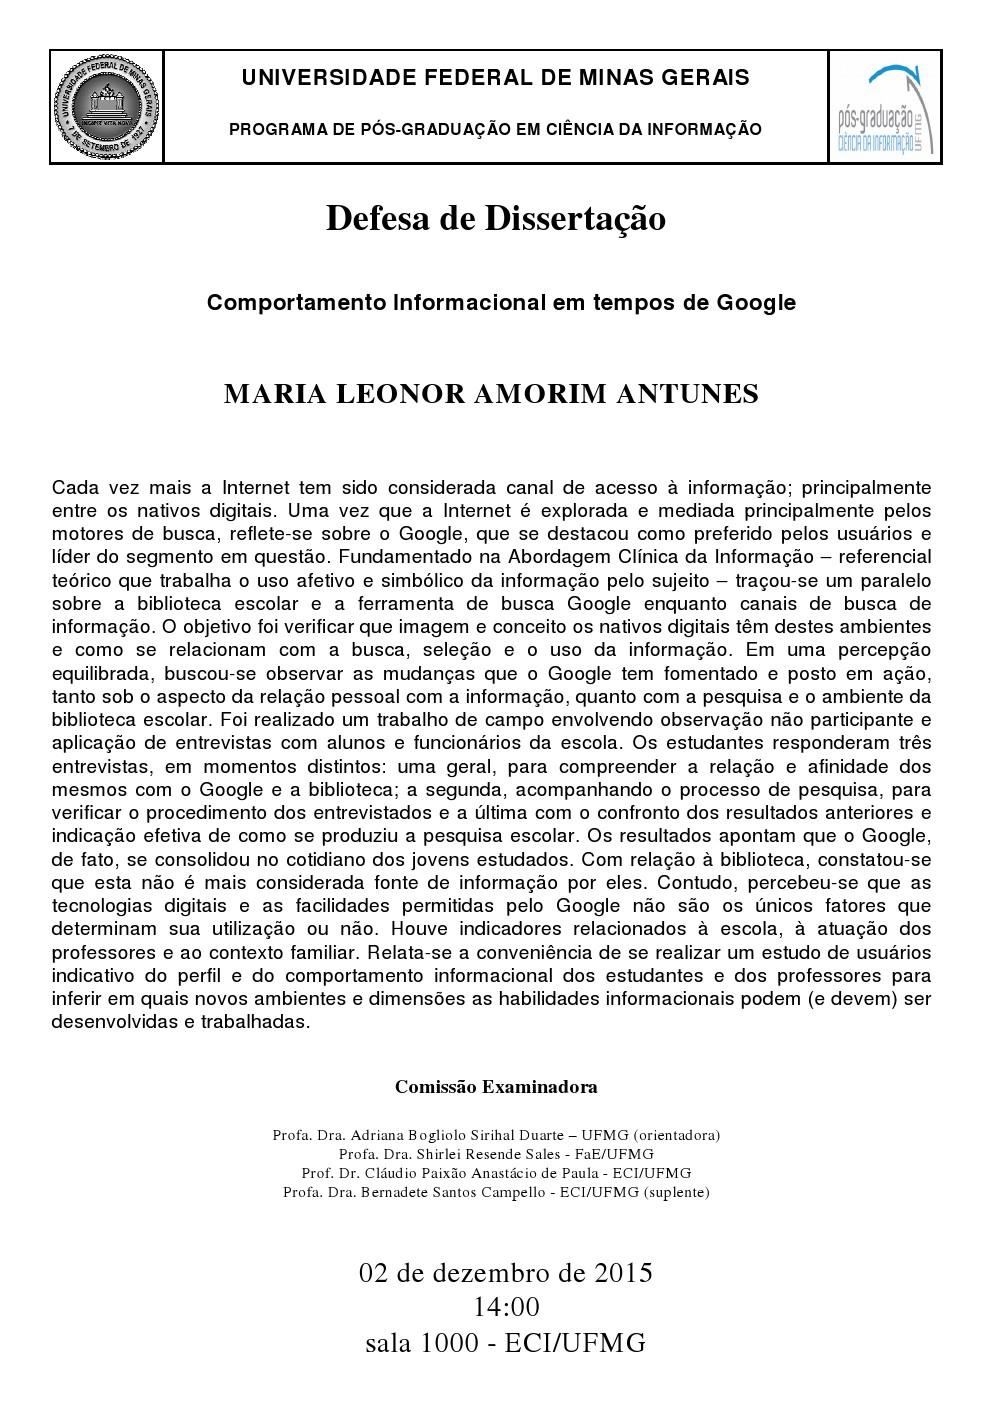 Defesa Maria Leonor Amorim Antunes